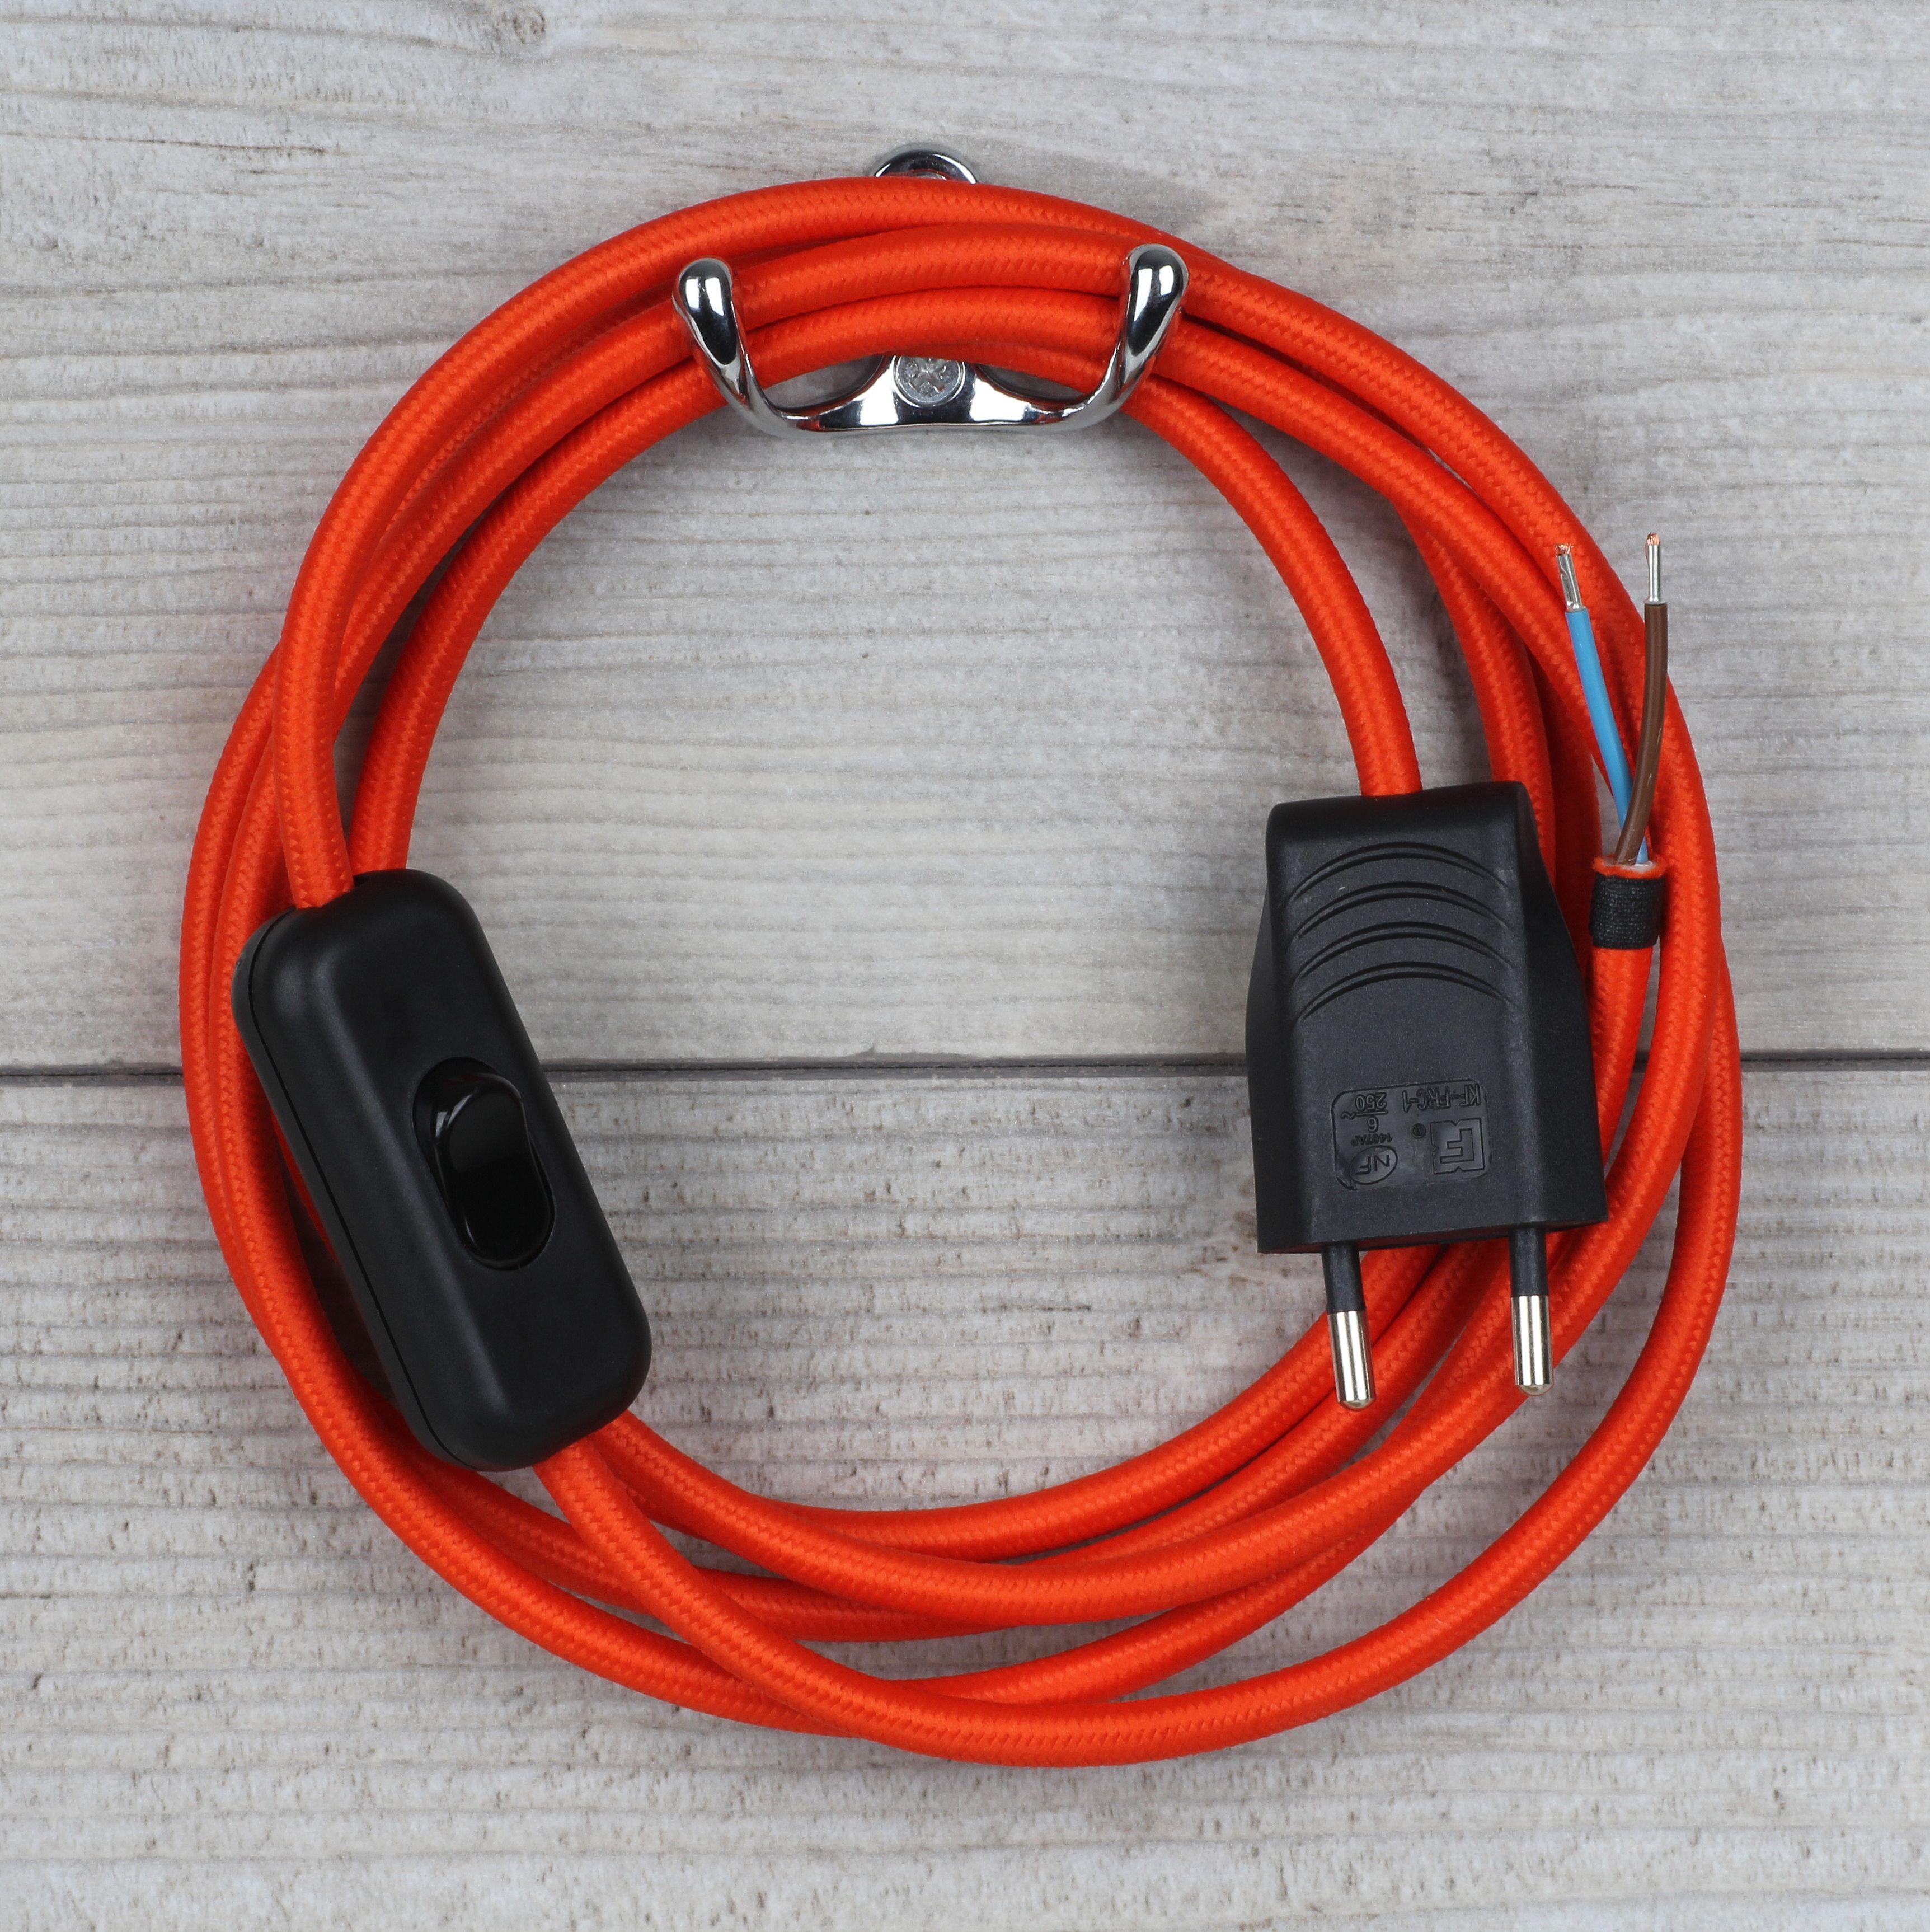 Textilkabel Anschlussleitung Orange Mit Schalter Und Stecker 21 40 Textilkabel Kabel Stecker